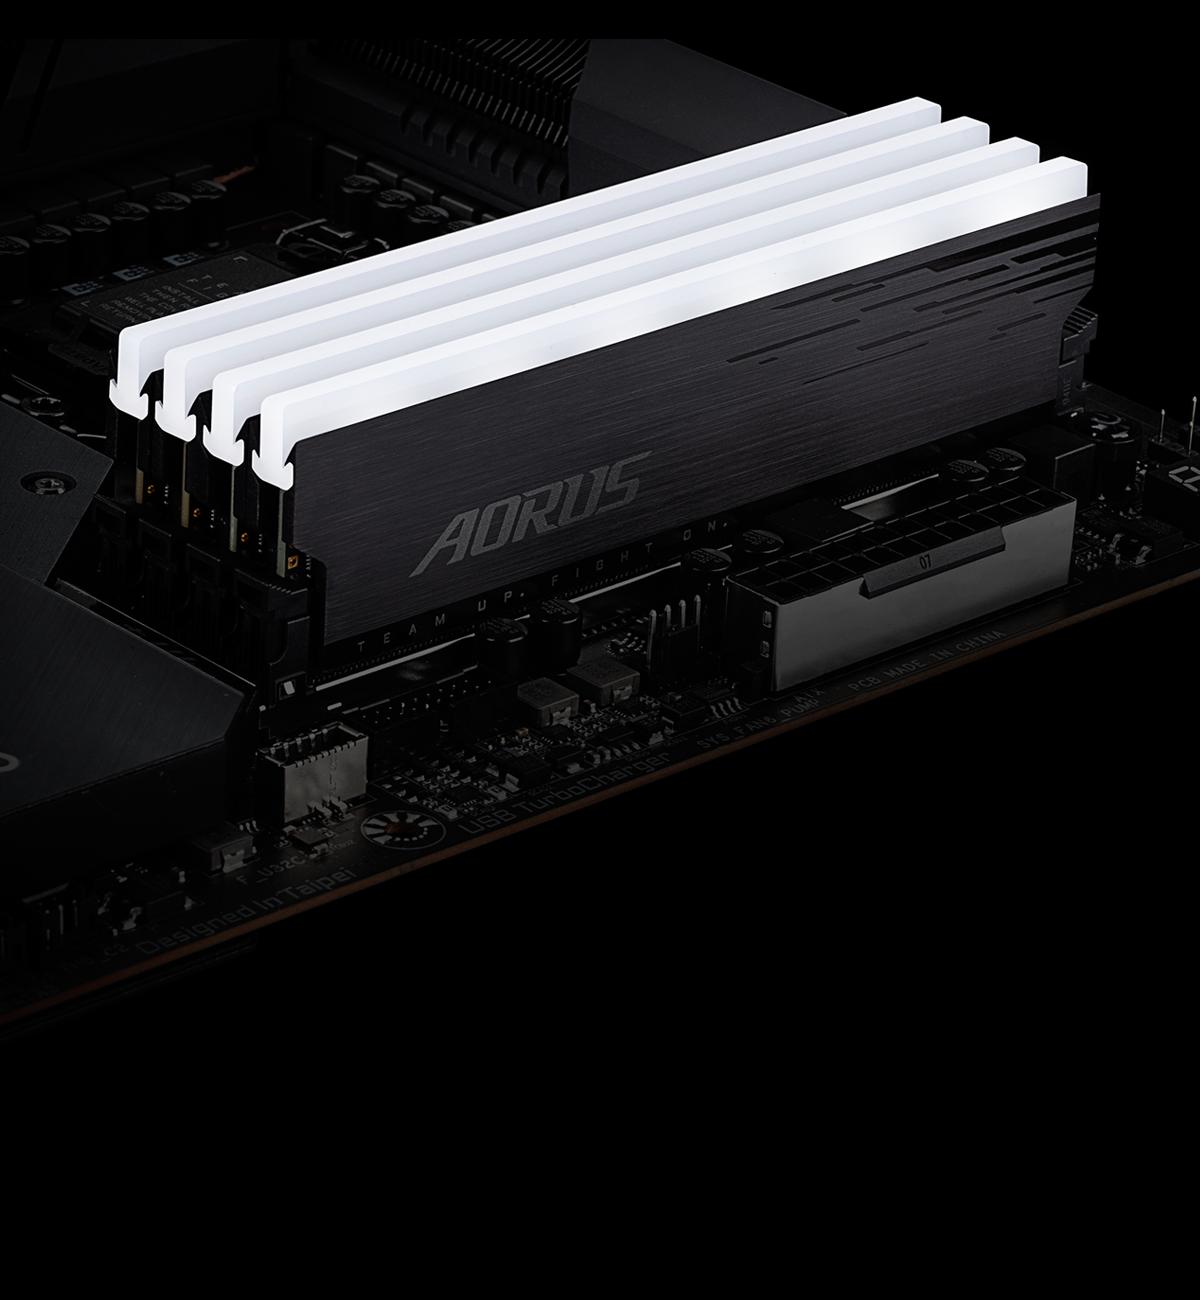 Gigabyte AORUS RGB Memory DDR4 16GB (2x8GB) 4400MHz - GP-ARS16G44 11